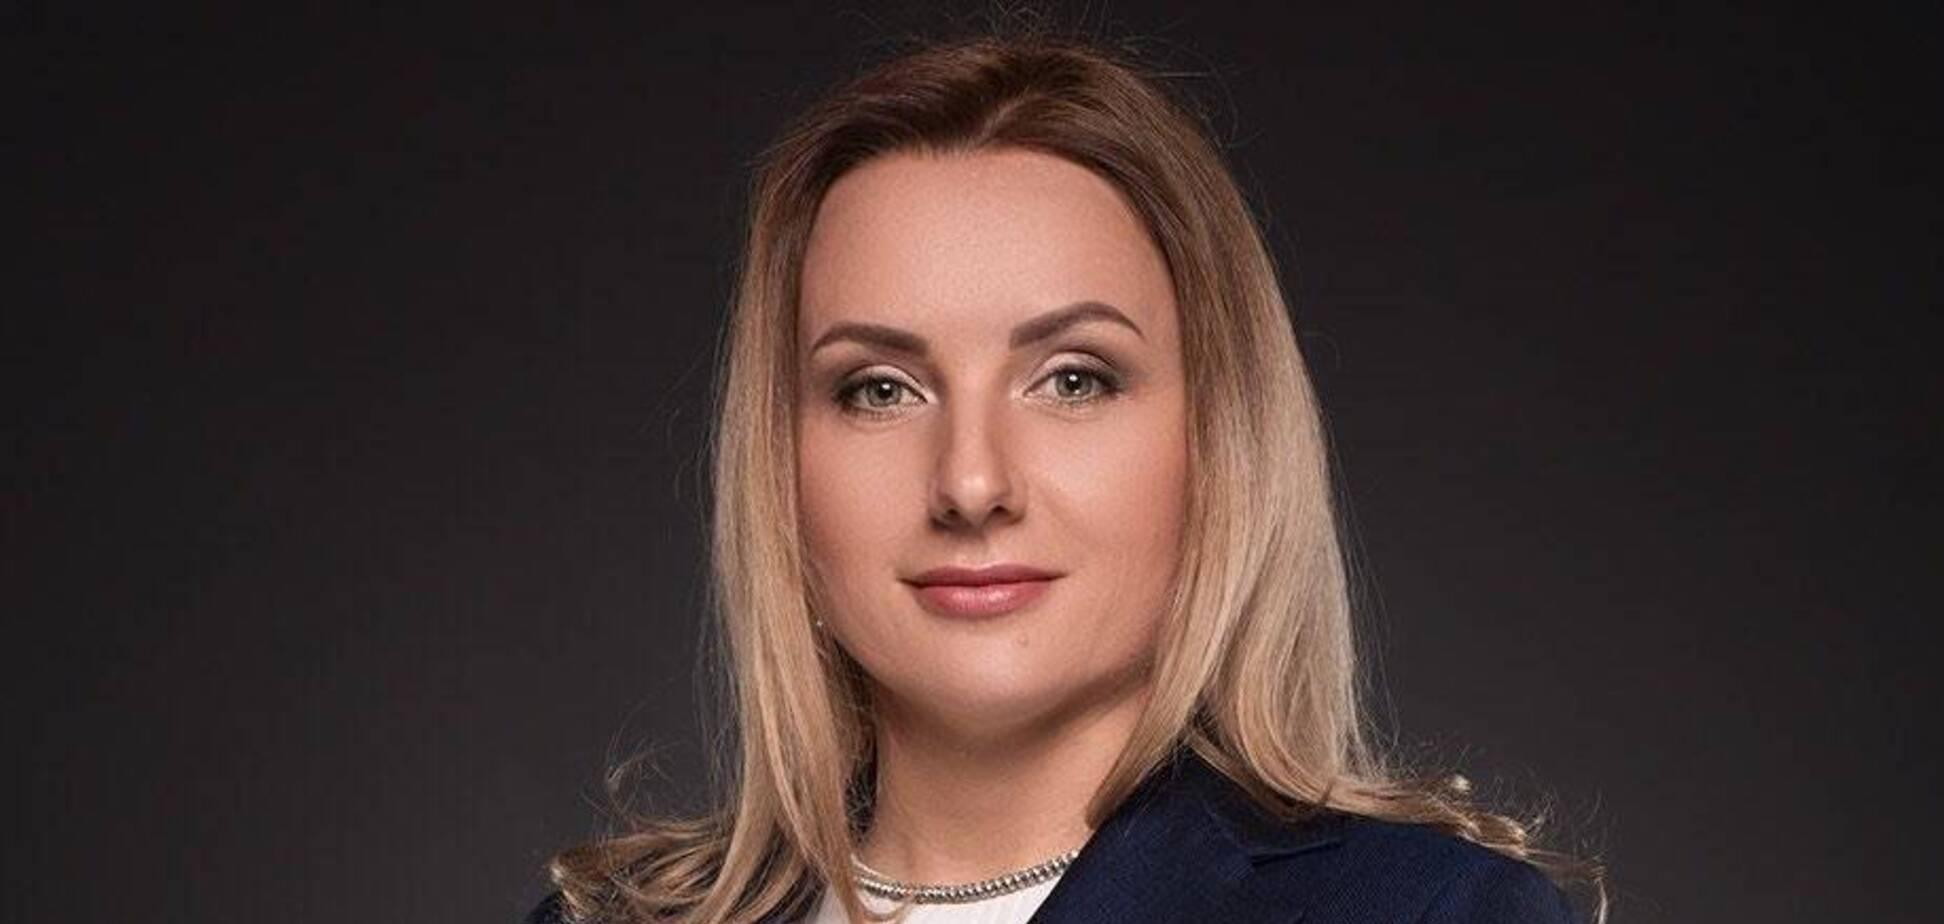 НАБУ следует закрыть дело по 'Роттердам+' – адвокат